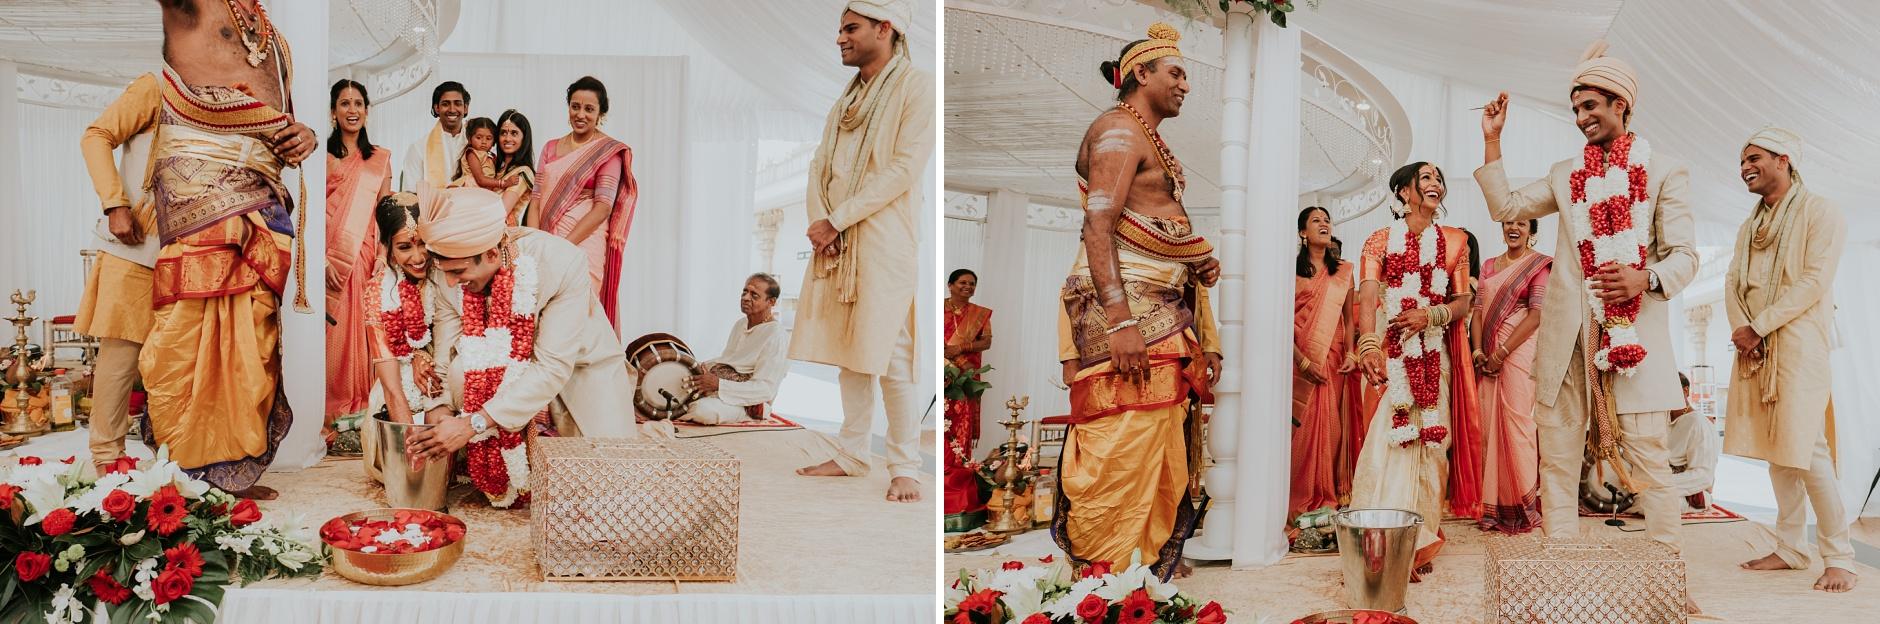 brahman&priyanka0730a_Byron-Bay-Wedding.jpg